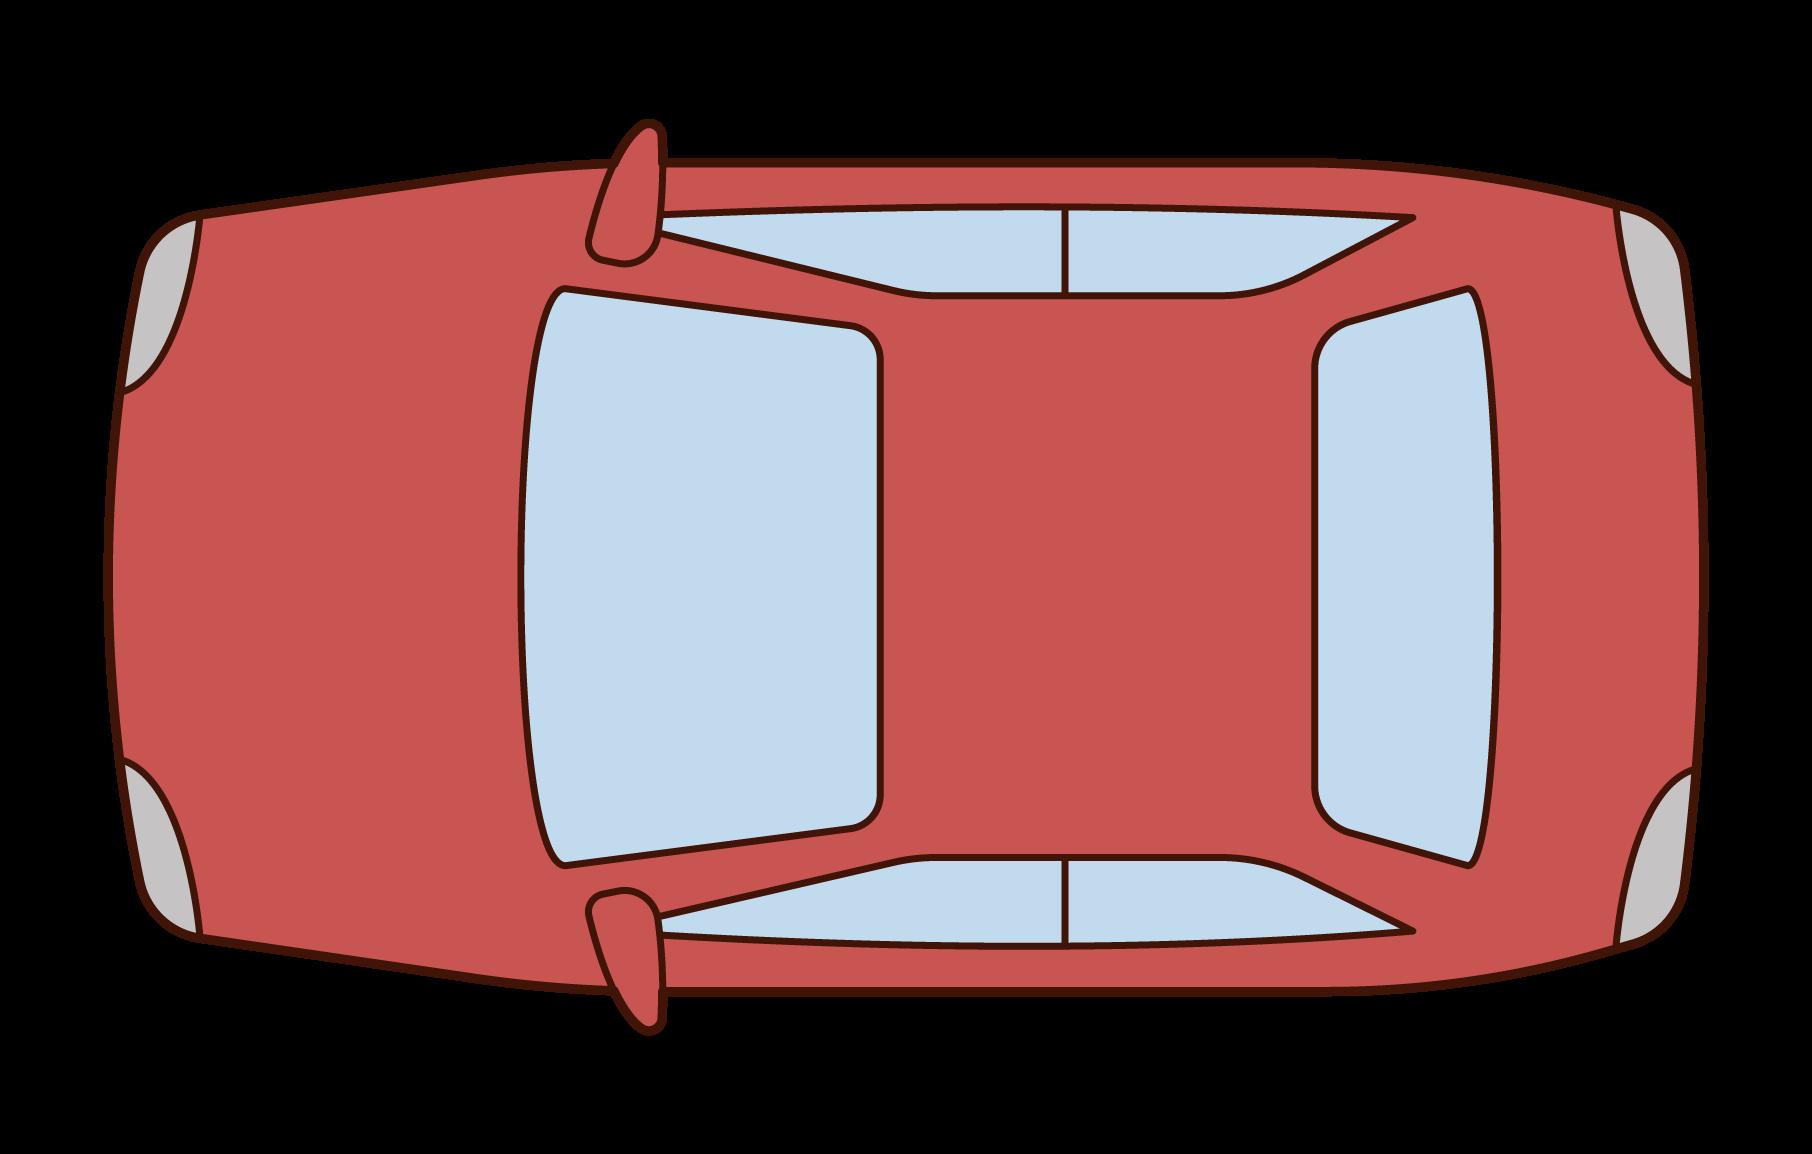 上から見た自動車のイラスト